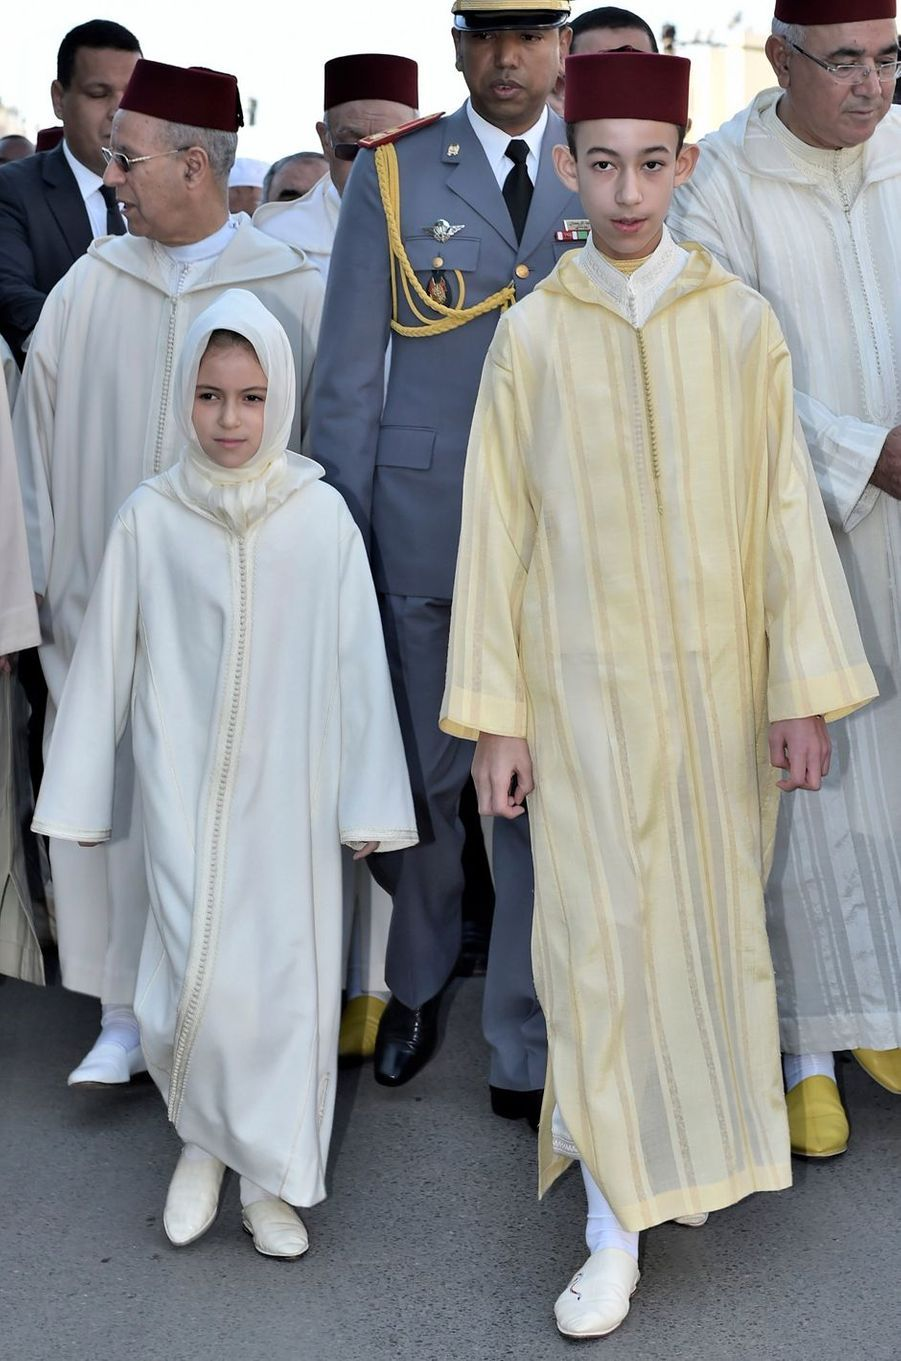 La princesse Lalla Khadija du Maroc avec son frère le prince Moulay El Hassan, le 22 janvier 2016